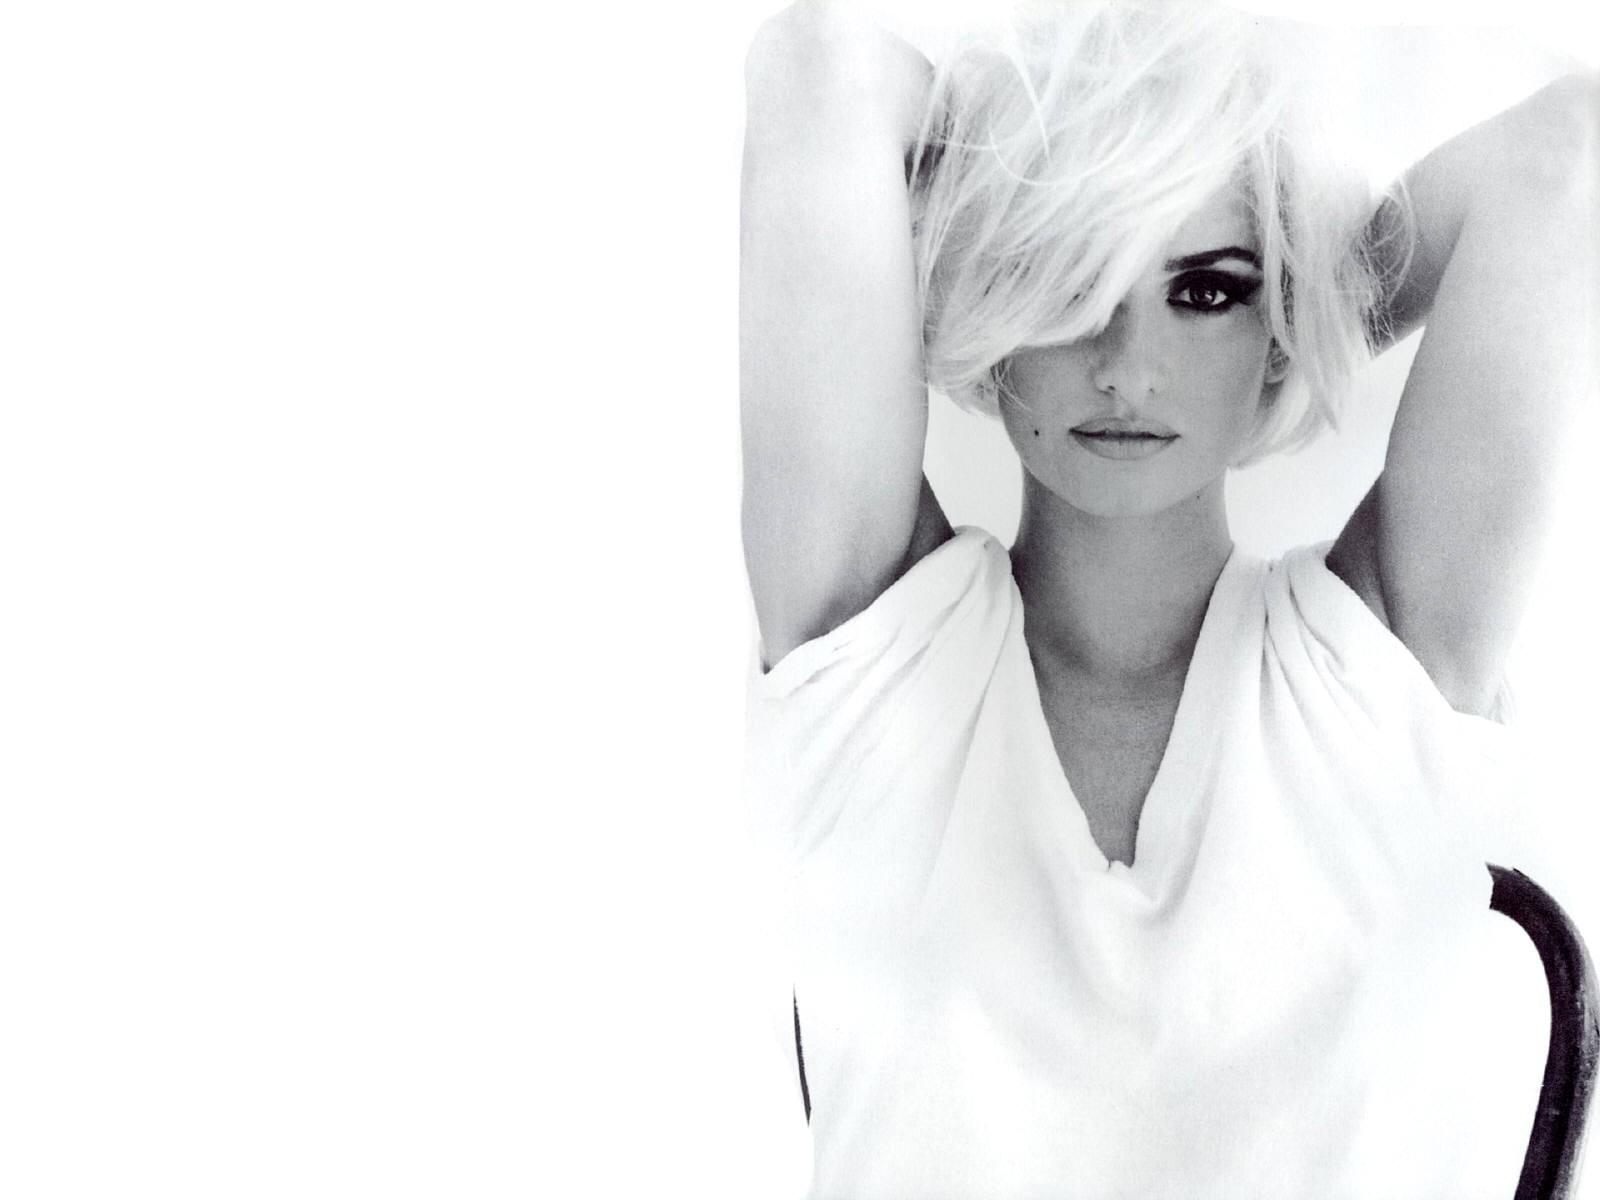 Wallpaper di Penelope Cruz in versione Marilyn